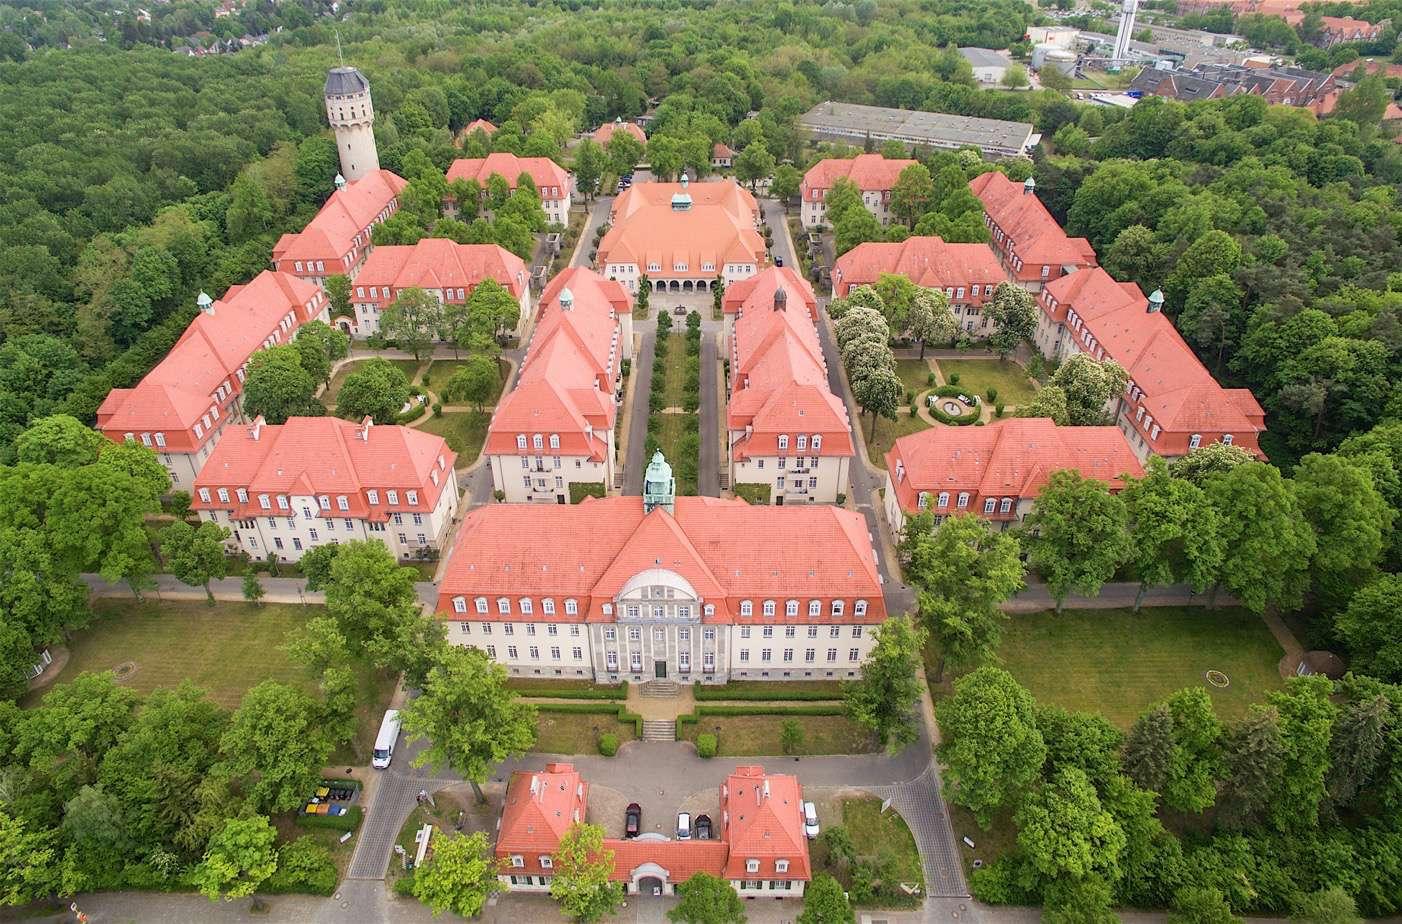 Geheimnisvolle Orte: Die Krankenhausstadt Berlin-Buch